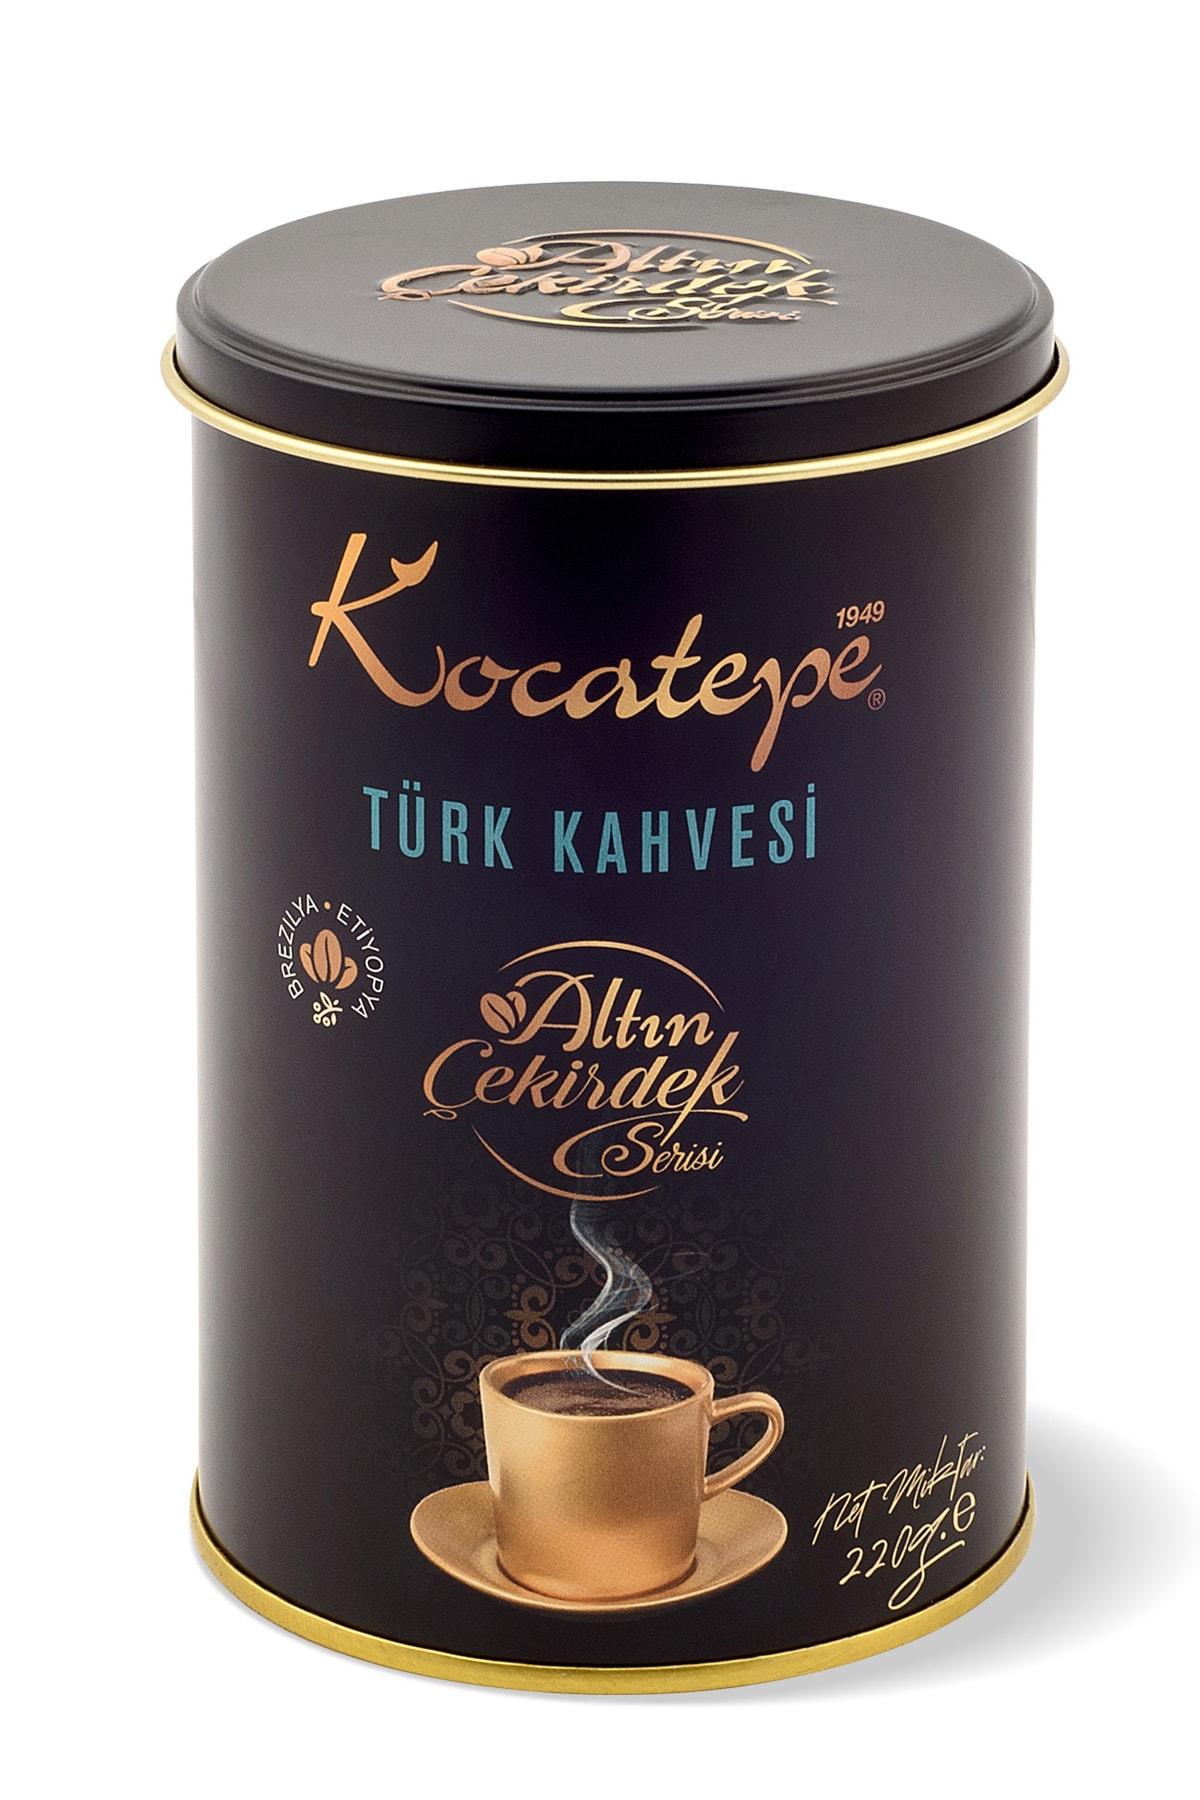 KOCATEPE KAHVE Kocatepe Altın Çekirdek Serisi Türk Kahvesi 1